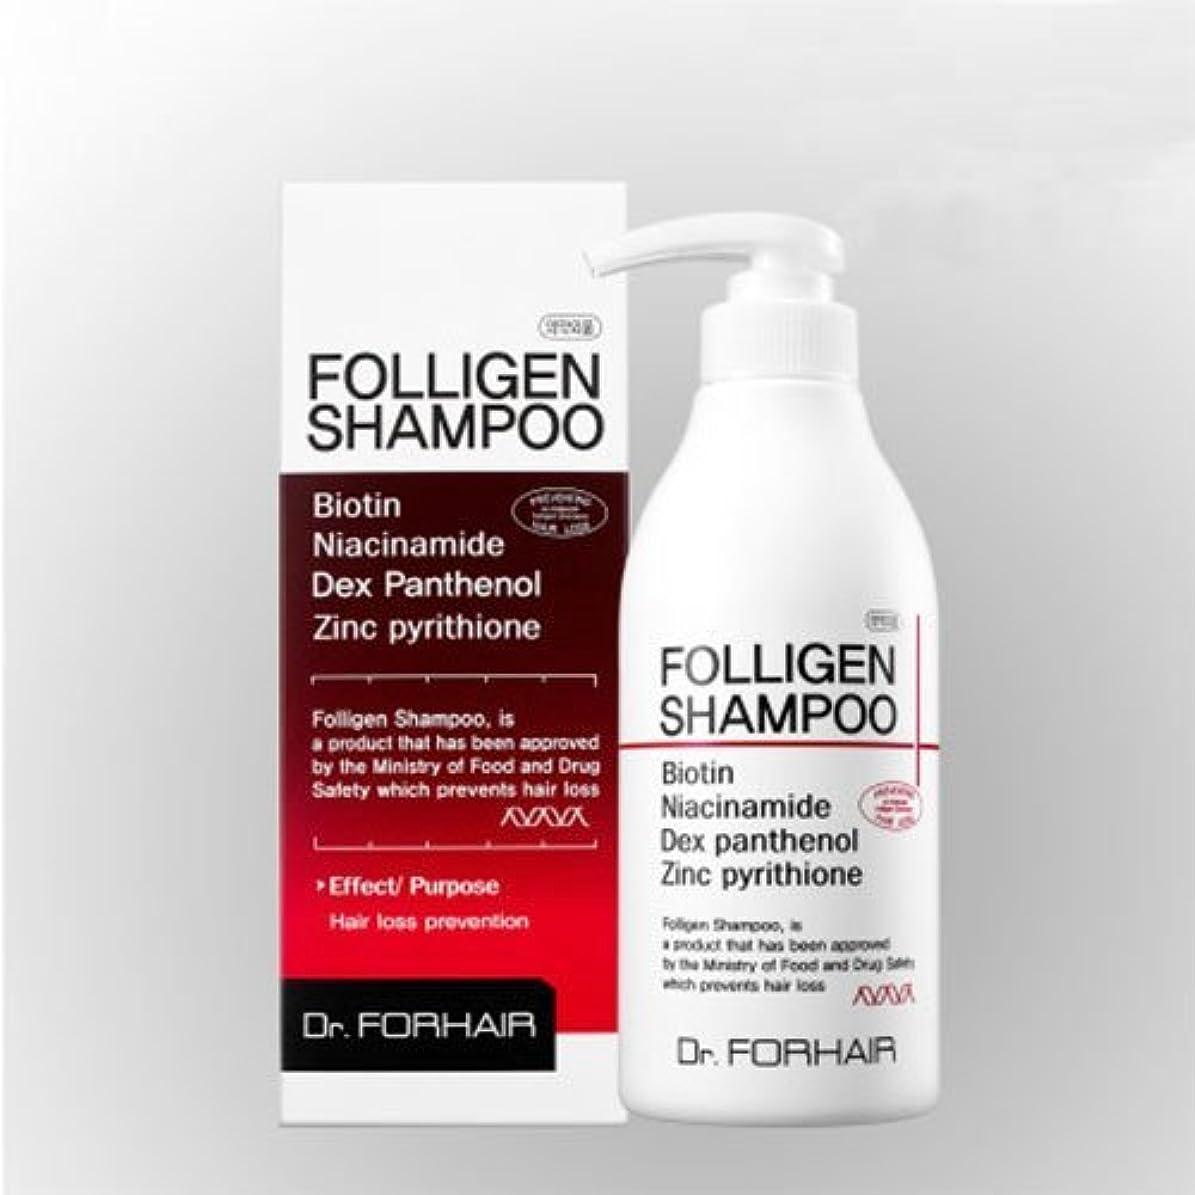 ファブリックハリウッド解釈的ダクト?フォーヘア ポルリジェン シャンプー500ml 脱毛防止シャンプー[並行輸入品] / Dr. Forhair Folligen Shampoo 500ml (16.9 fl.oz.) for Hair Loss...